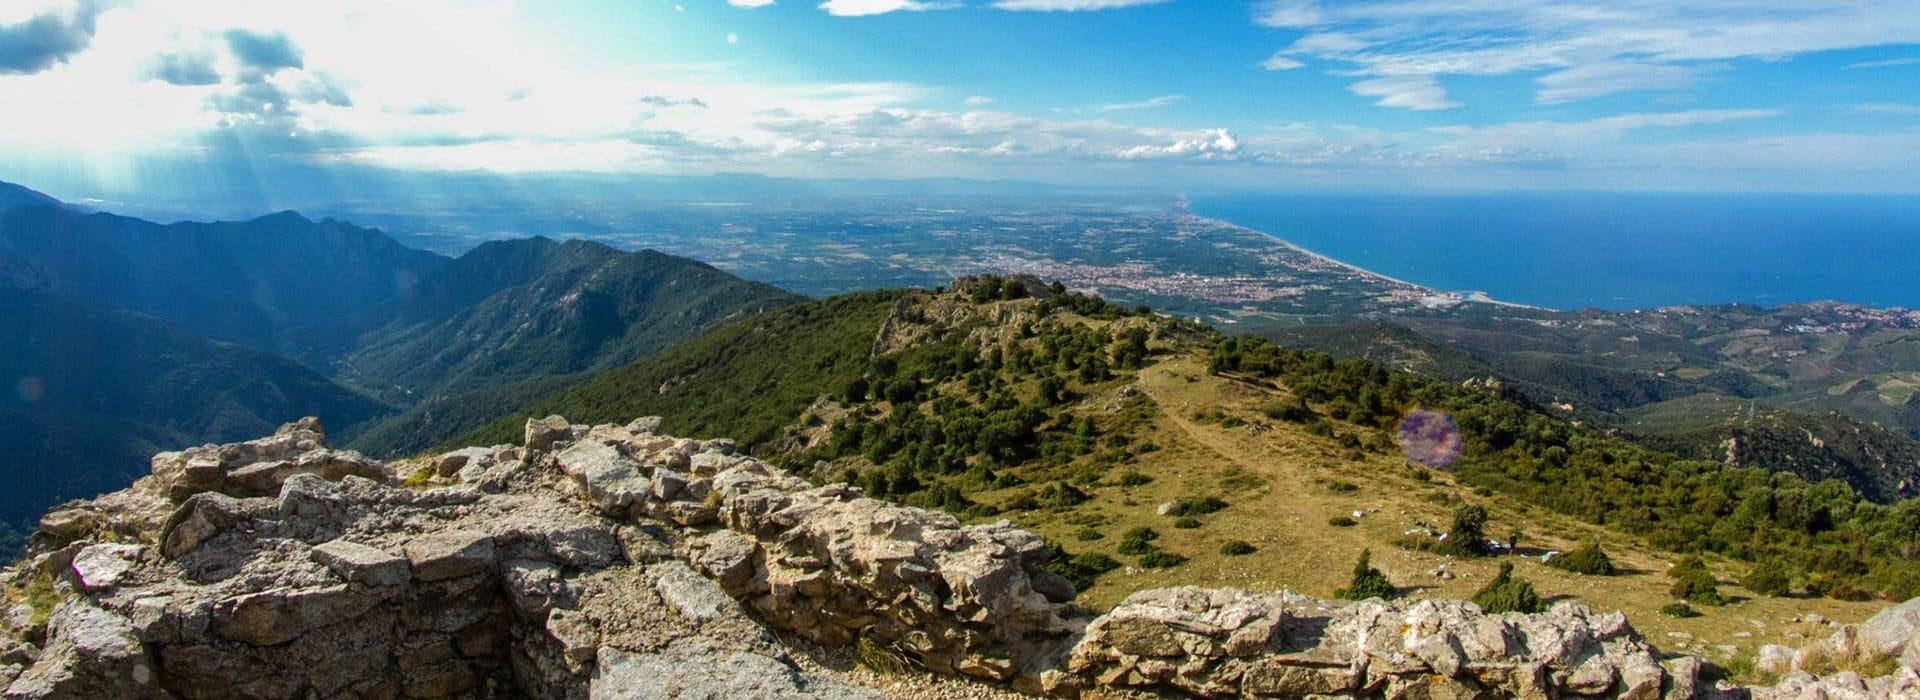 Argelès Nature Trail 4